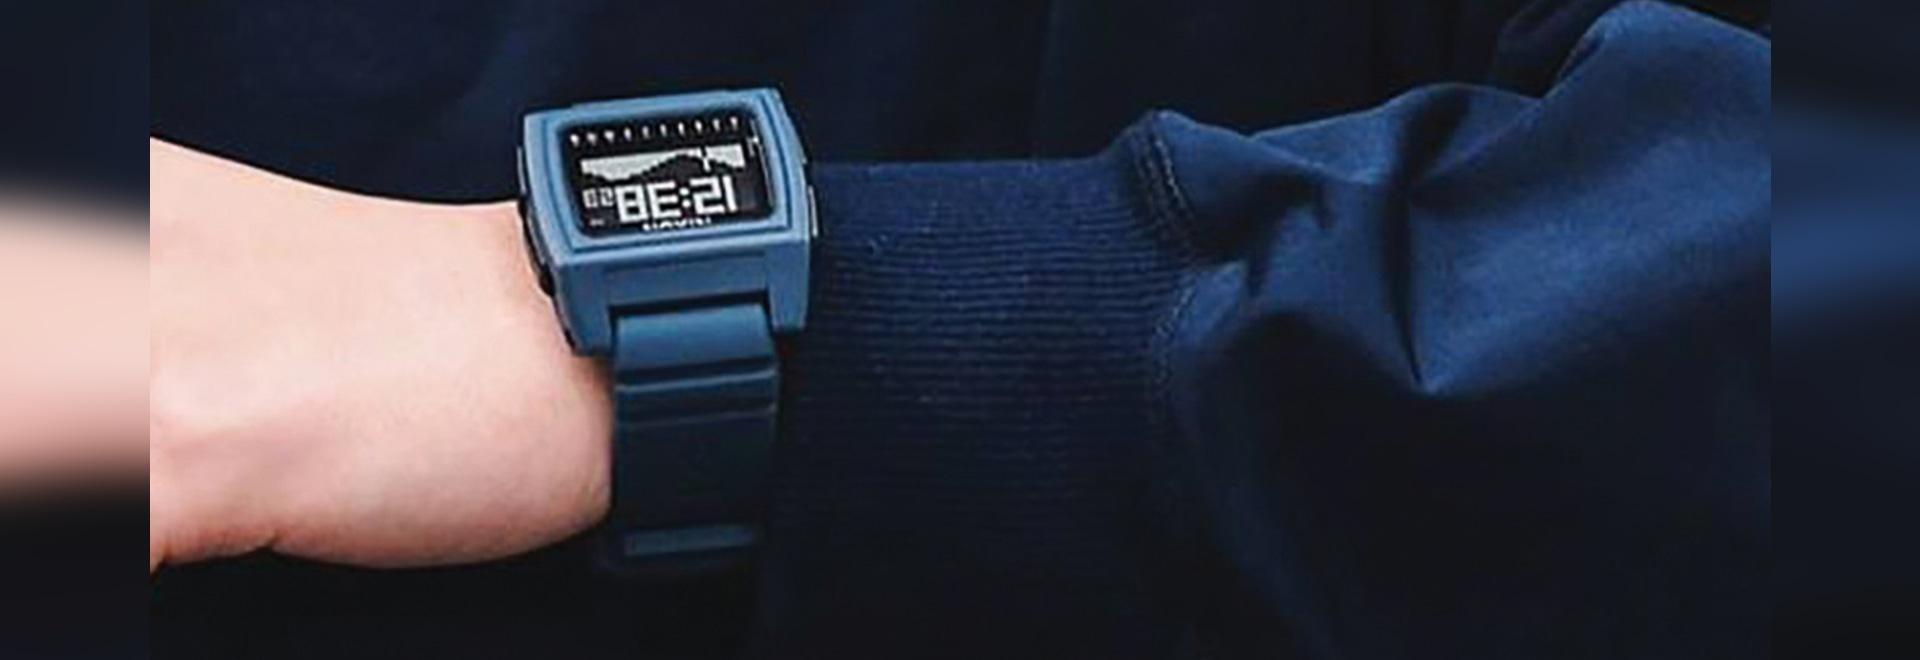 Überprüfung der Nixon Base Tide Pro: Robuste Uhr zeigt die lokalen Gezeiten auf einen Blick